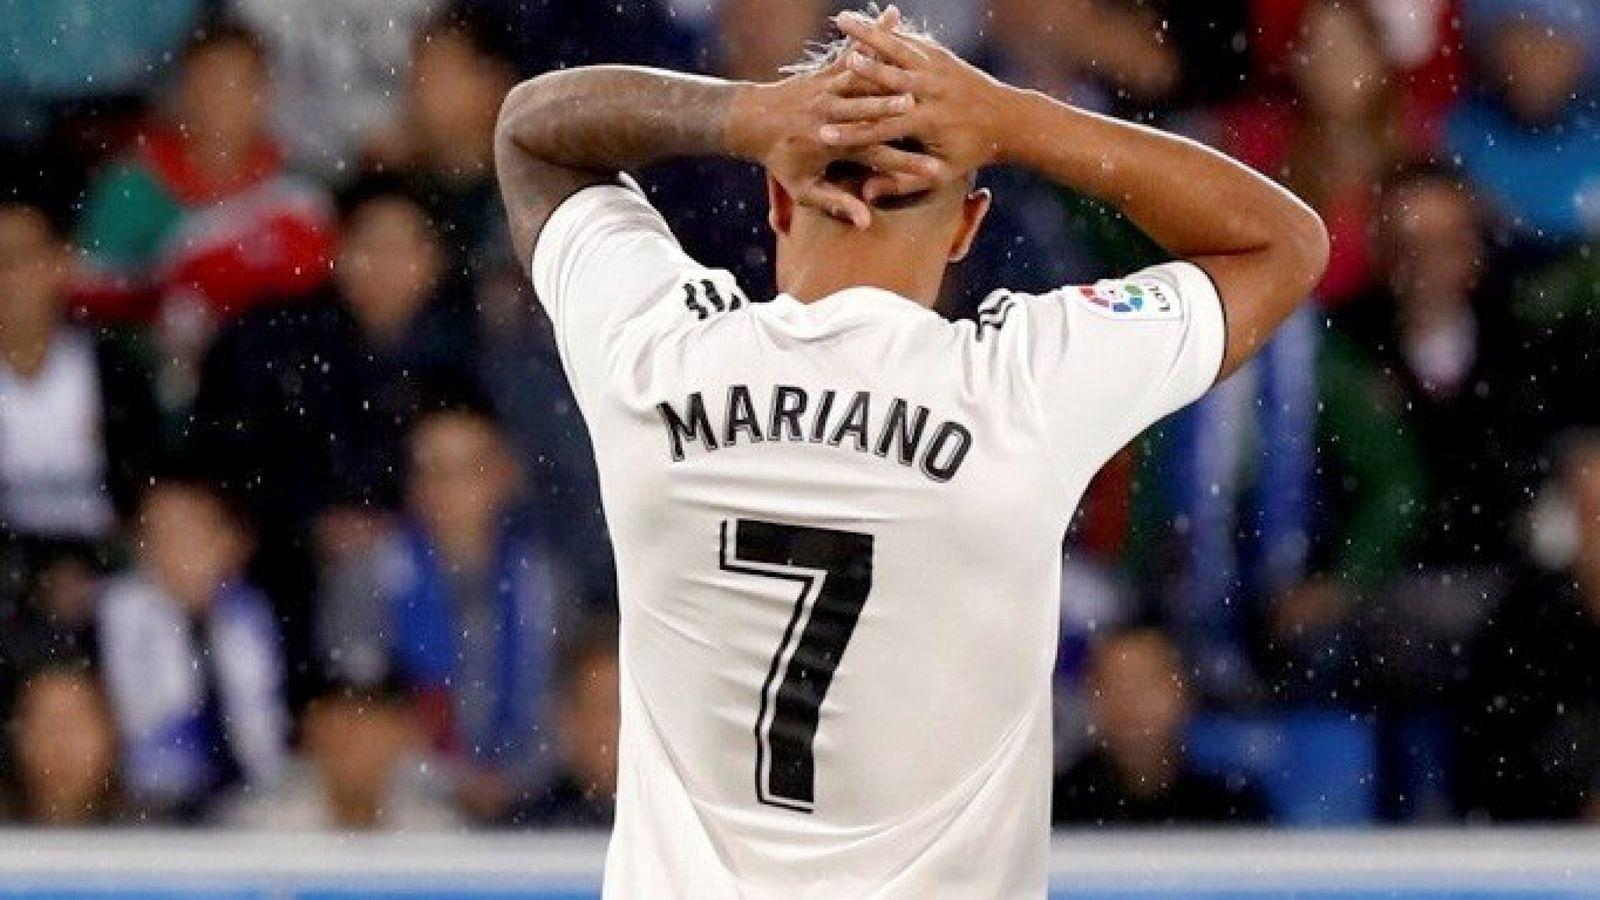 Foto: Mariano se lleva las manos a la cabeza durante un partido con el Real Madrid. (Efe)